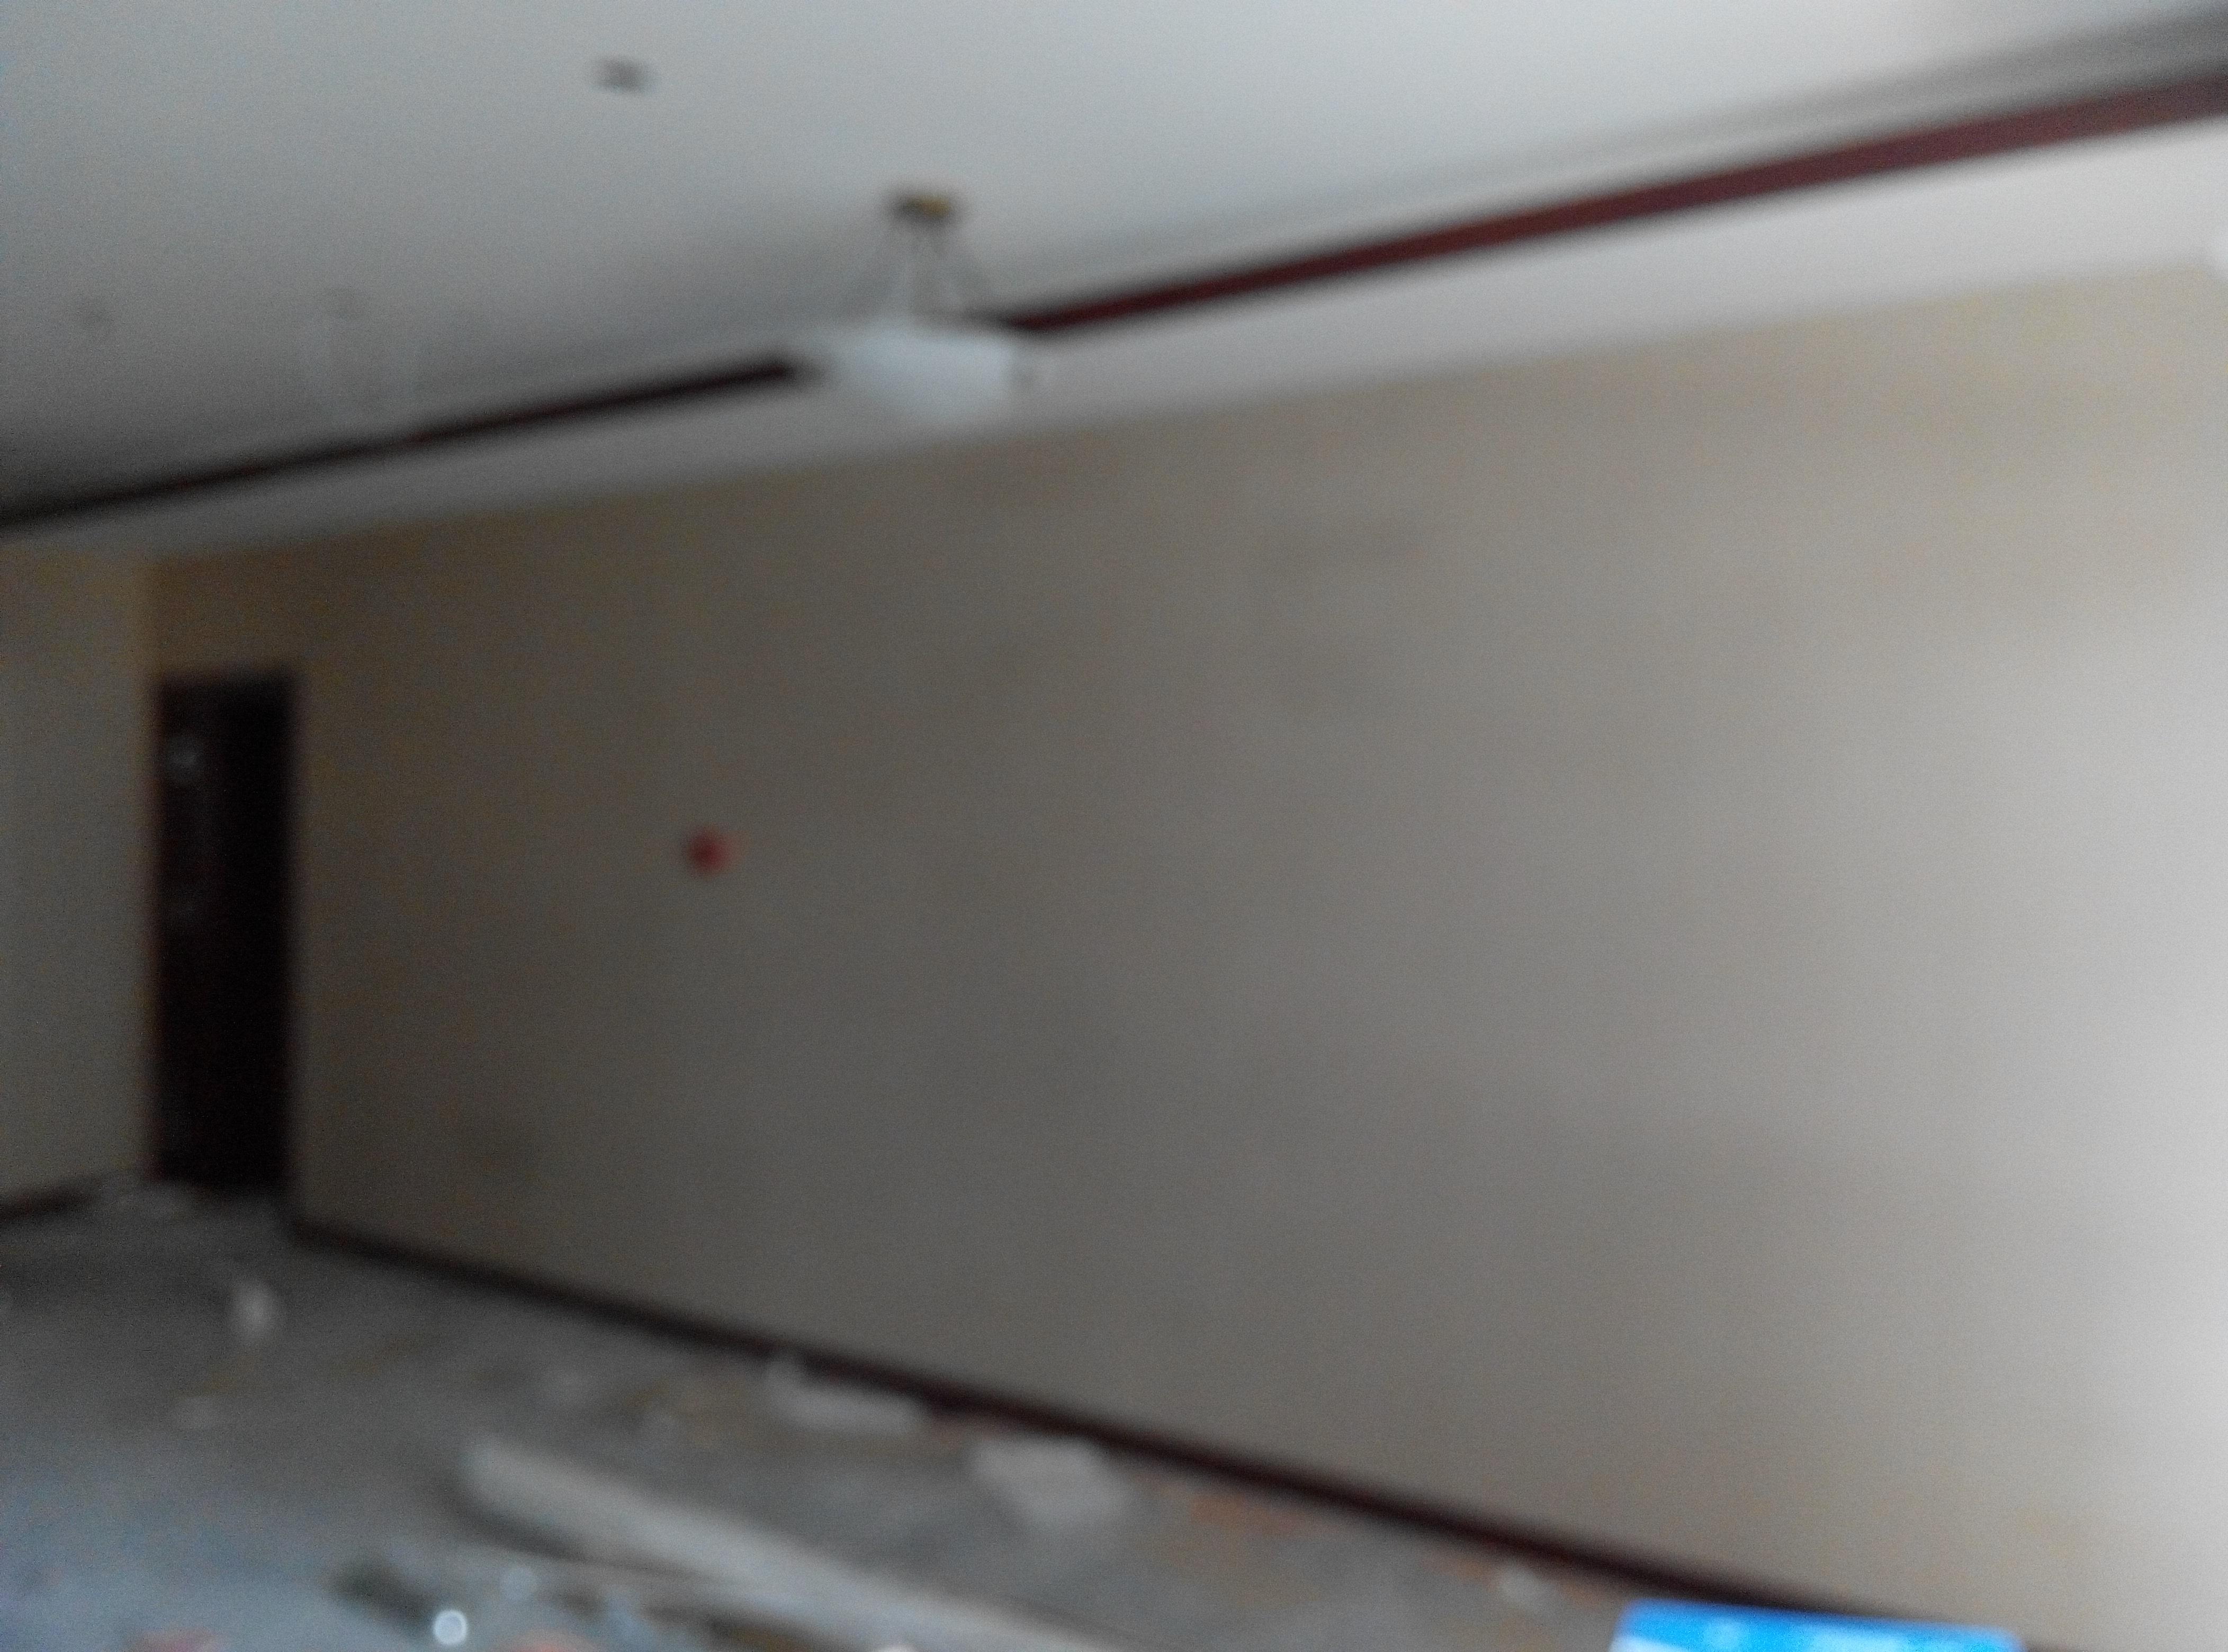 简约 混搭 旧房改造 餐厅图片来自北京洲滨软包墙纸销售在安华西里饭店的分享